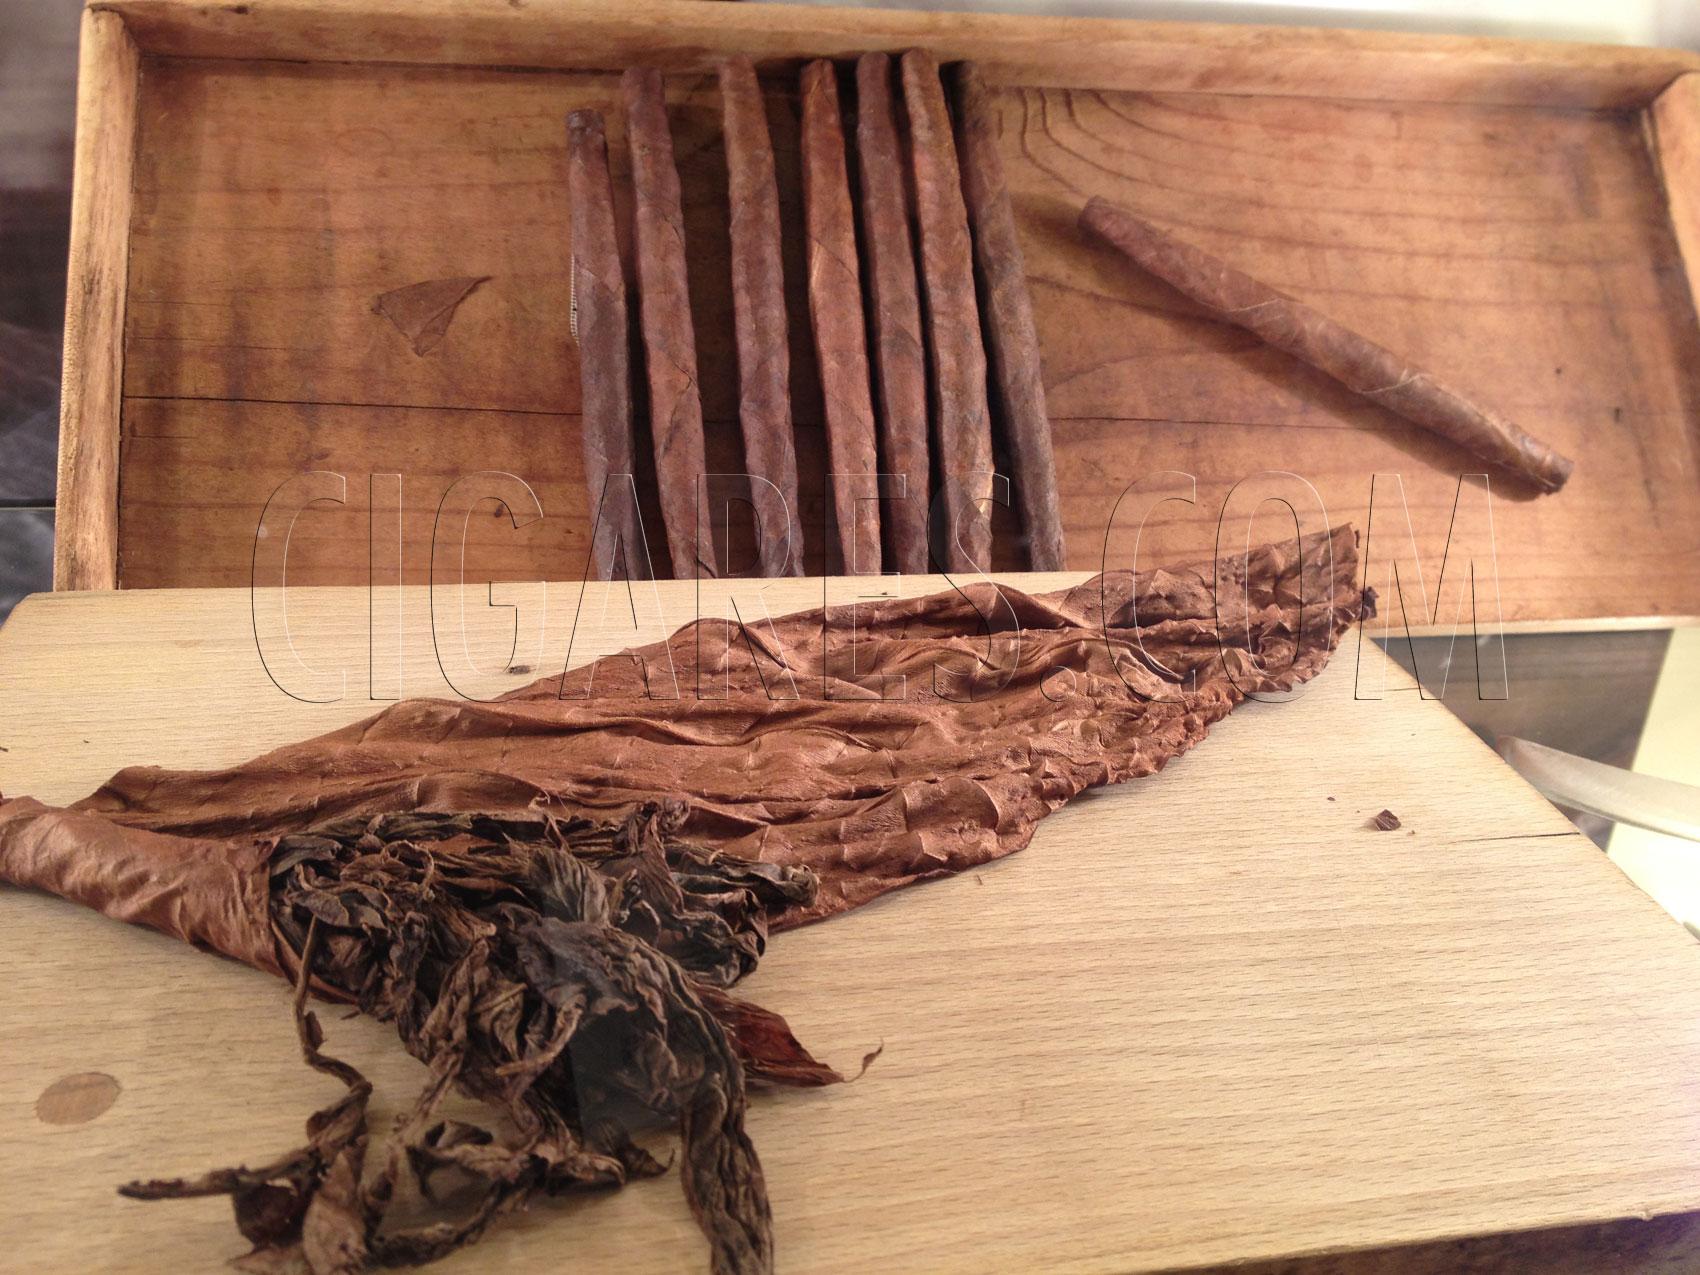 Il faut ouvrir le cigare pour savoir si il a été fait à la main ou à la machine...